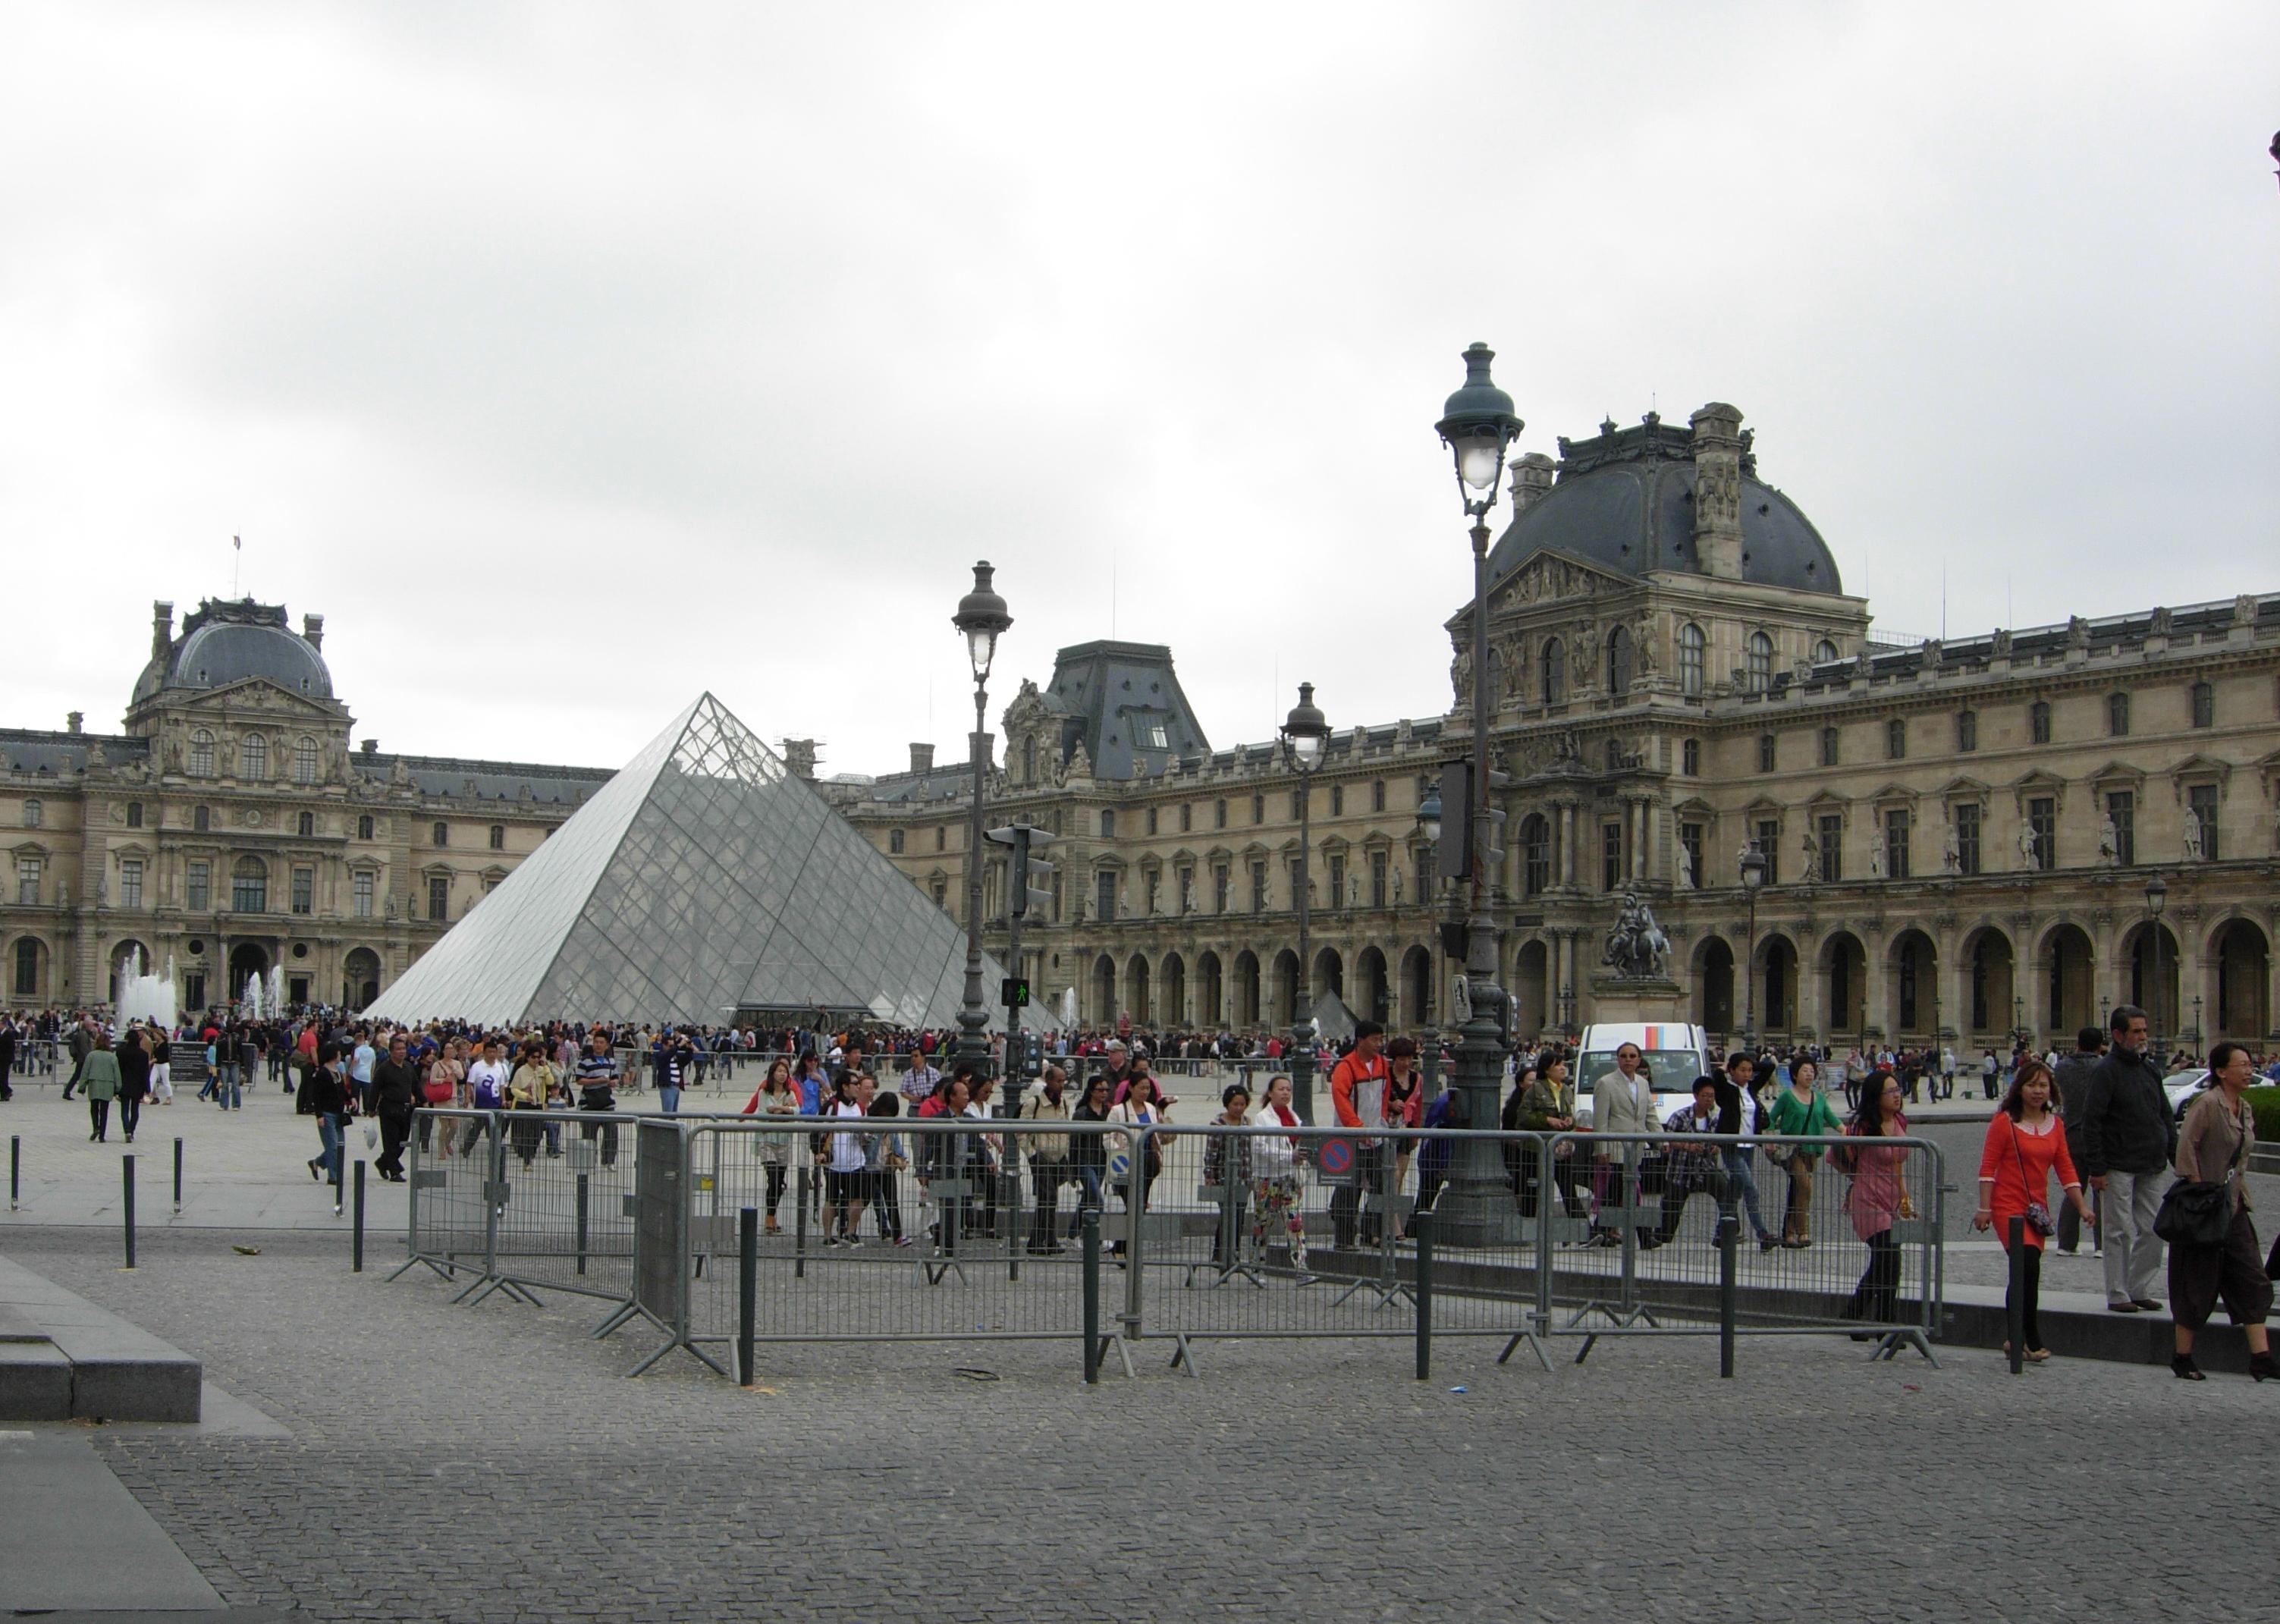 文化巴黎的魅力——卢浮宫、凯旋门……_图1-1